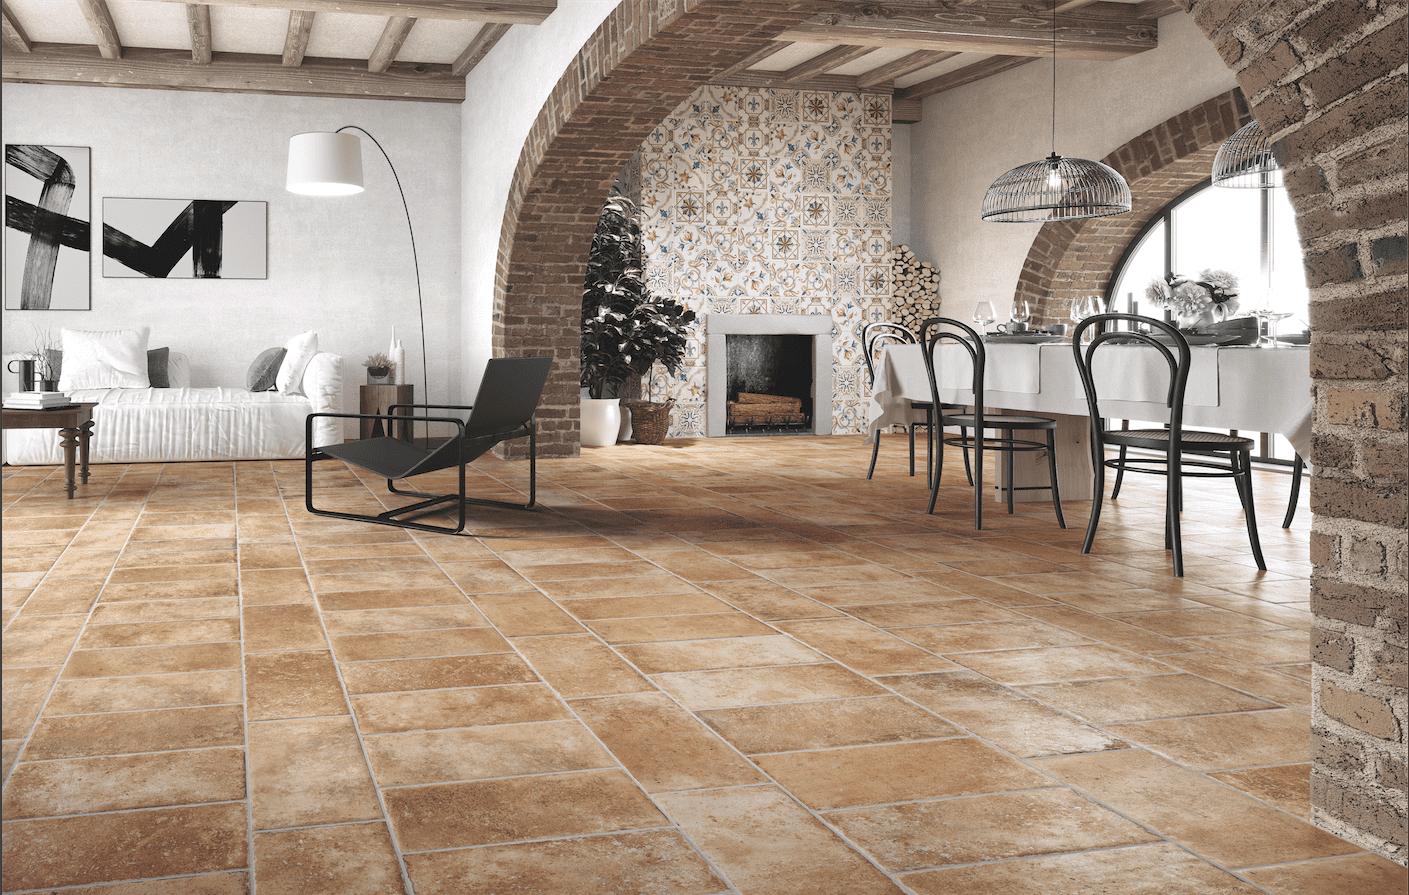 Arredare casa con pavimento in cotto dreamy house kitchen home